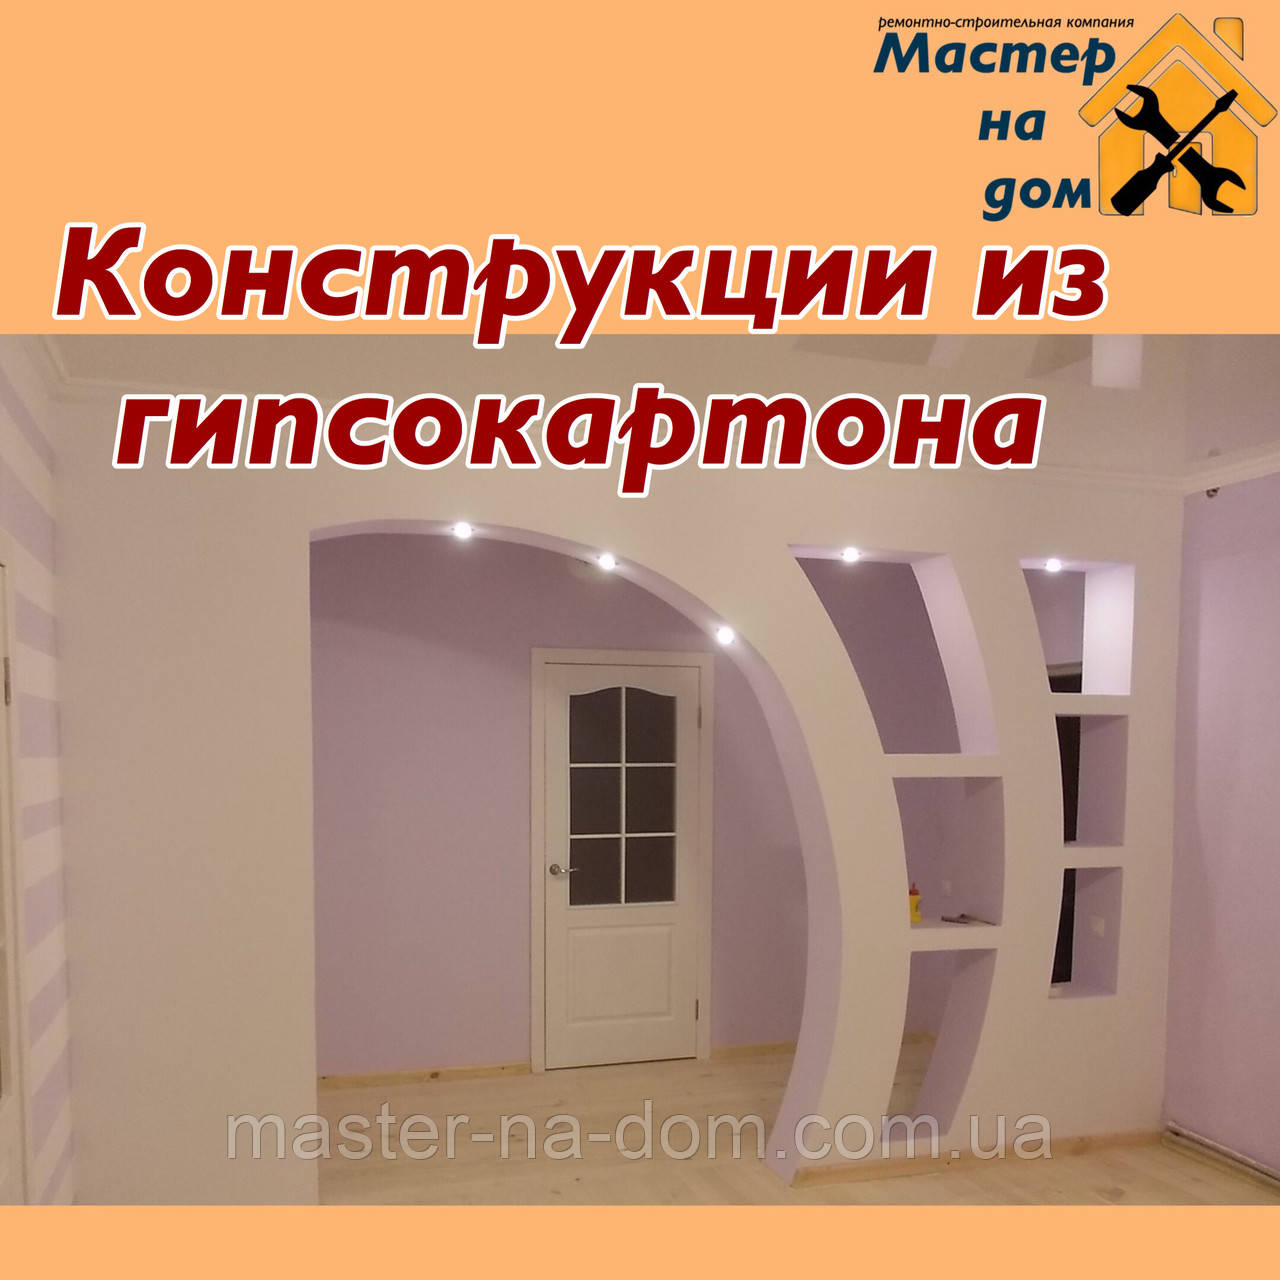 Конструкции из гипсокартона в Николаеве